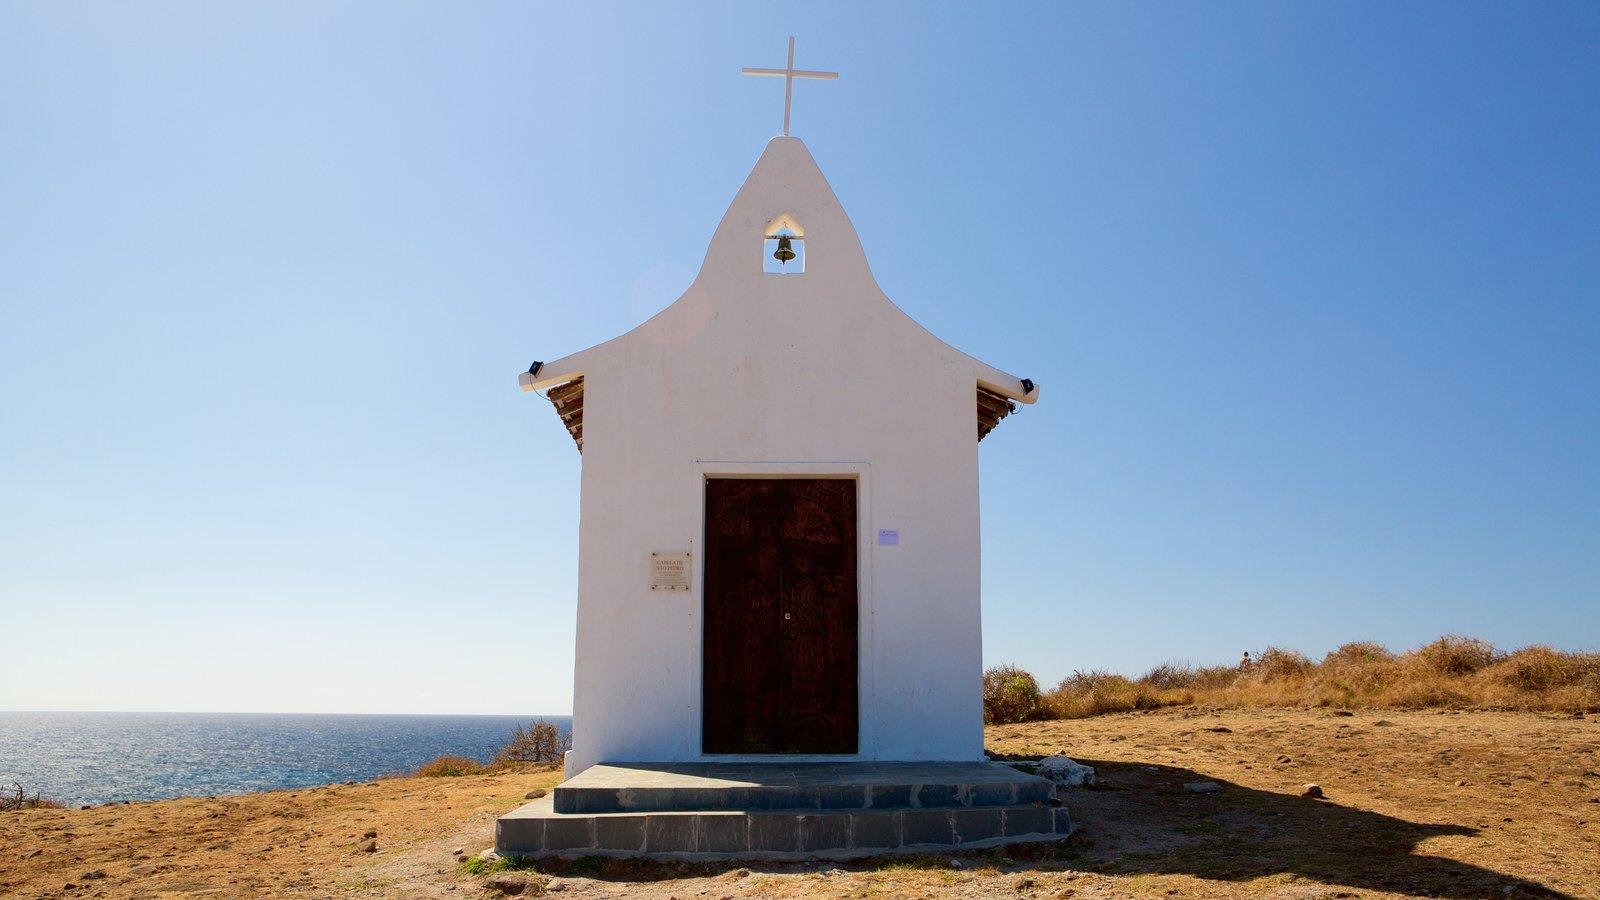 Capela de São Pedro mostrando uma igreja ou catedral, aspectos religiosos e paisagens litorâneas